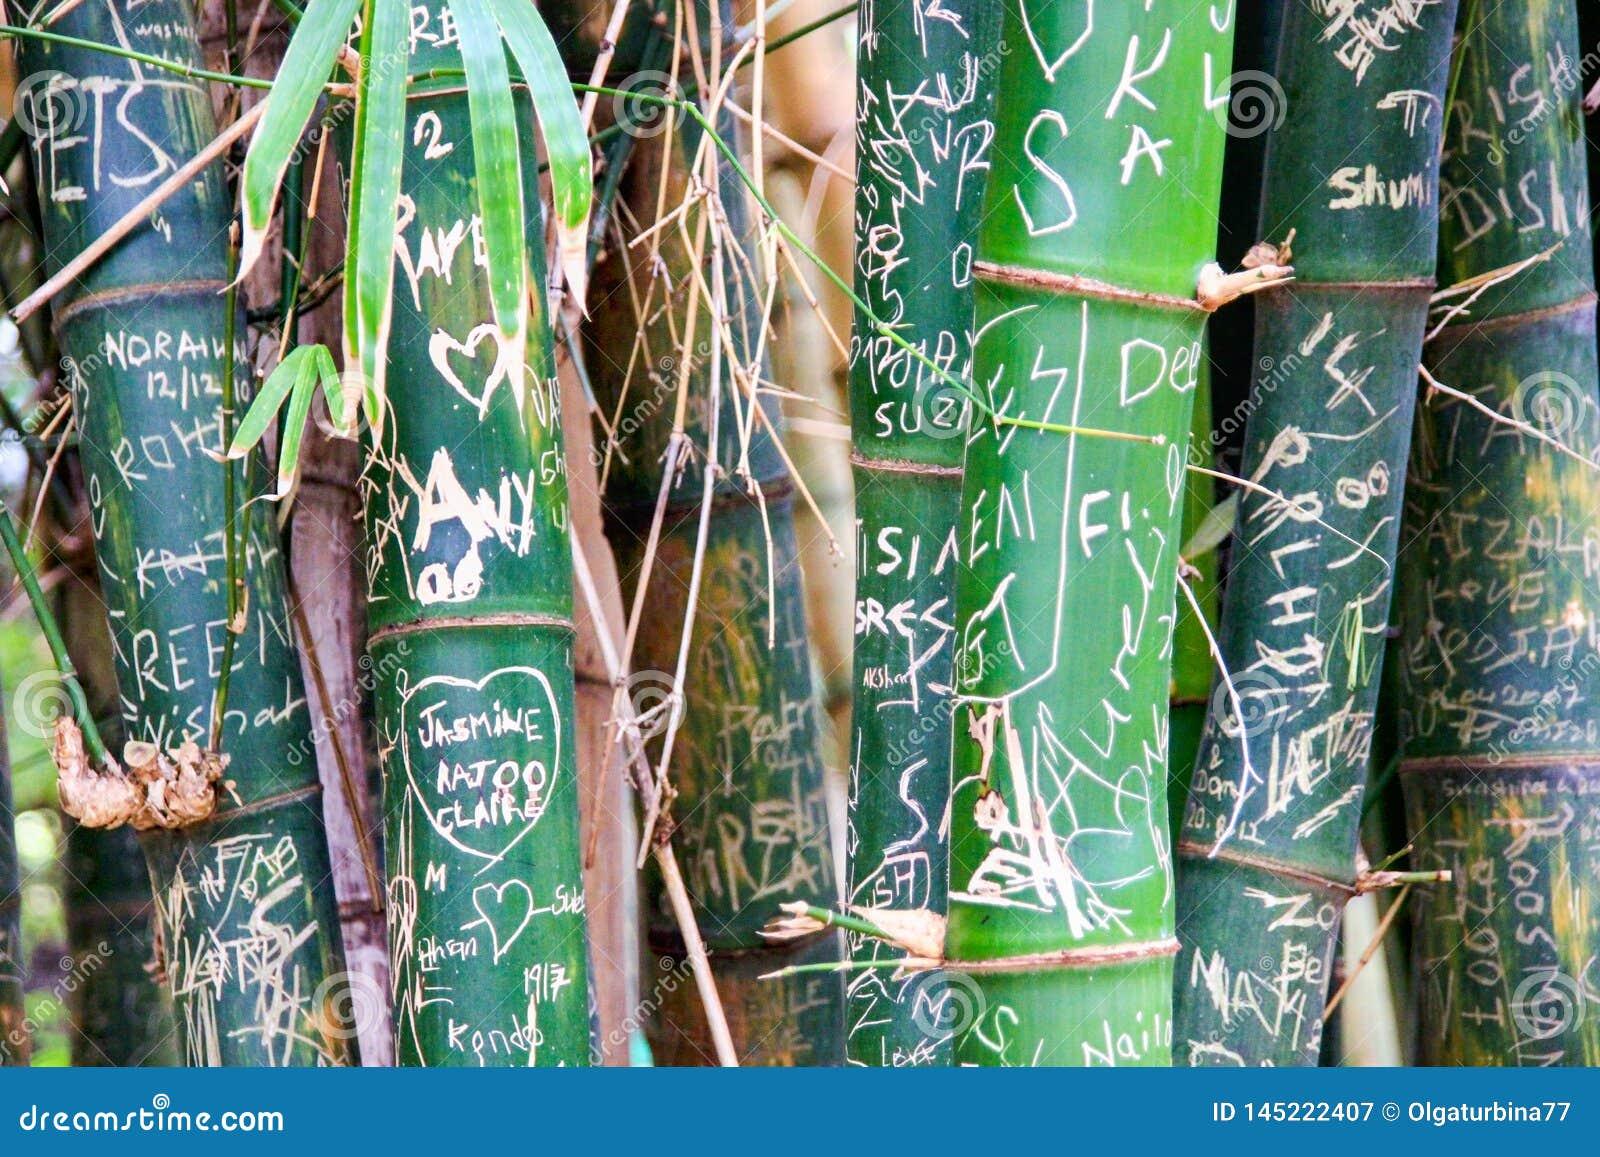 Drapaj?cy za listach i inicja?ach na zielonych bambusowych baga?nikach